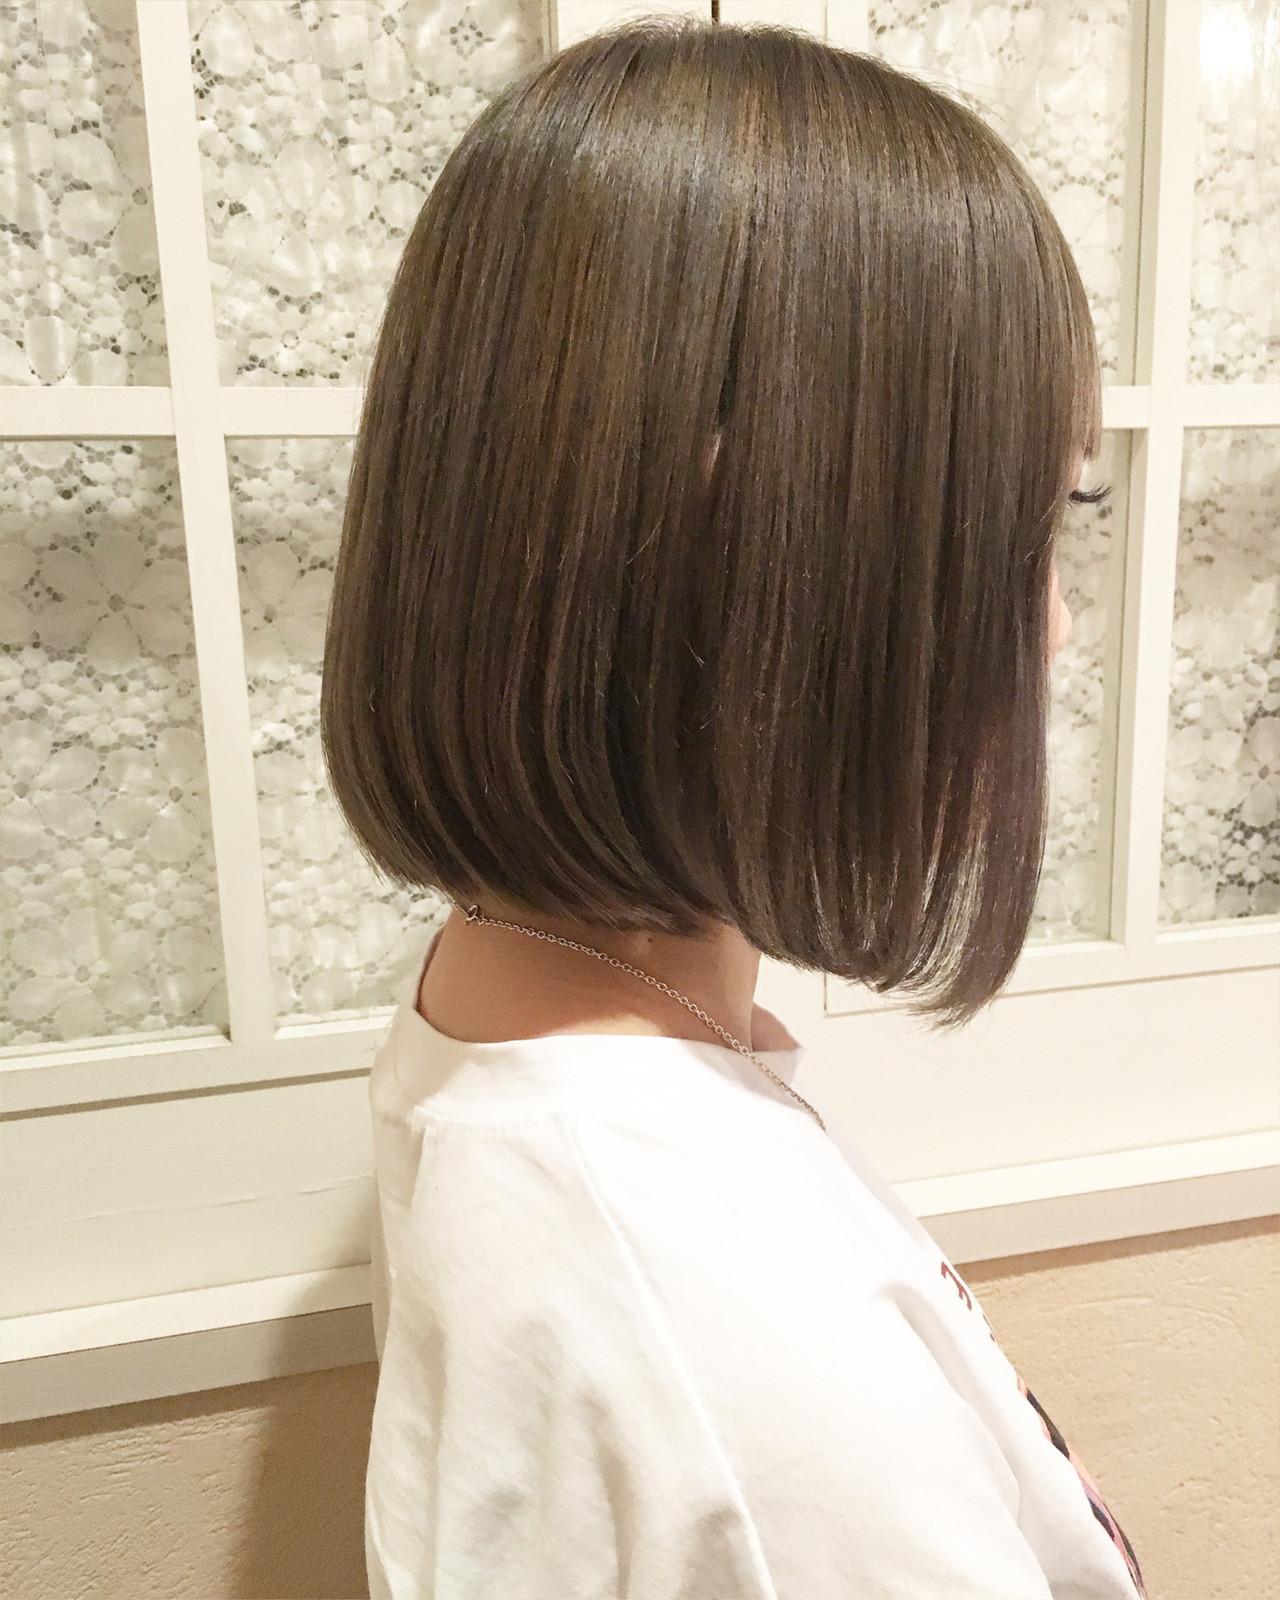 ハイライト 大人ハイライト ナチュラル ショートボブ ヘアスタイルや髪型の写真・画像